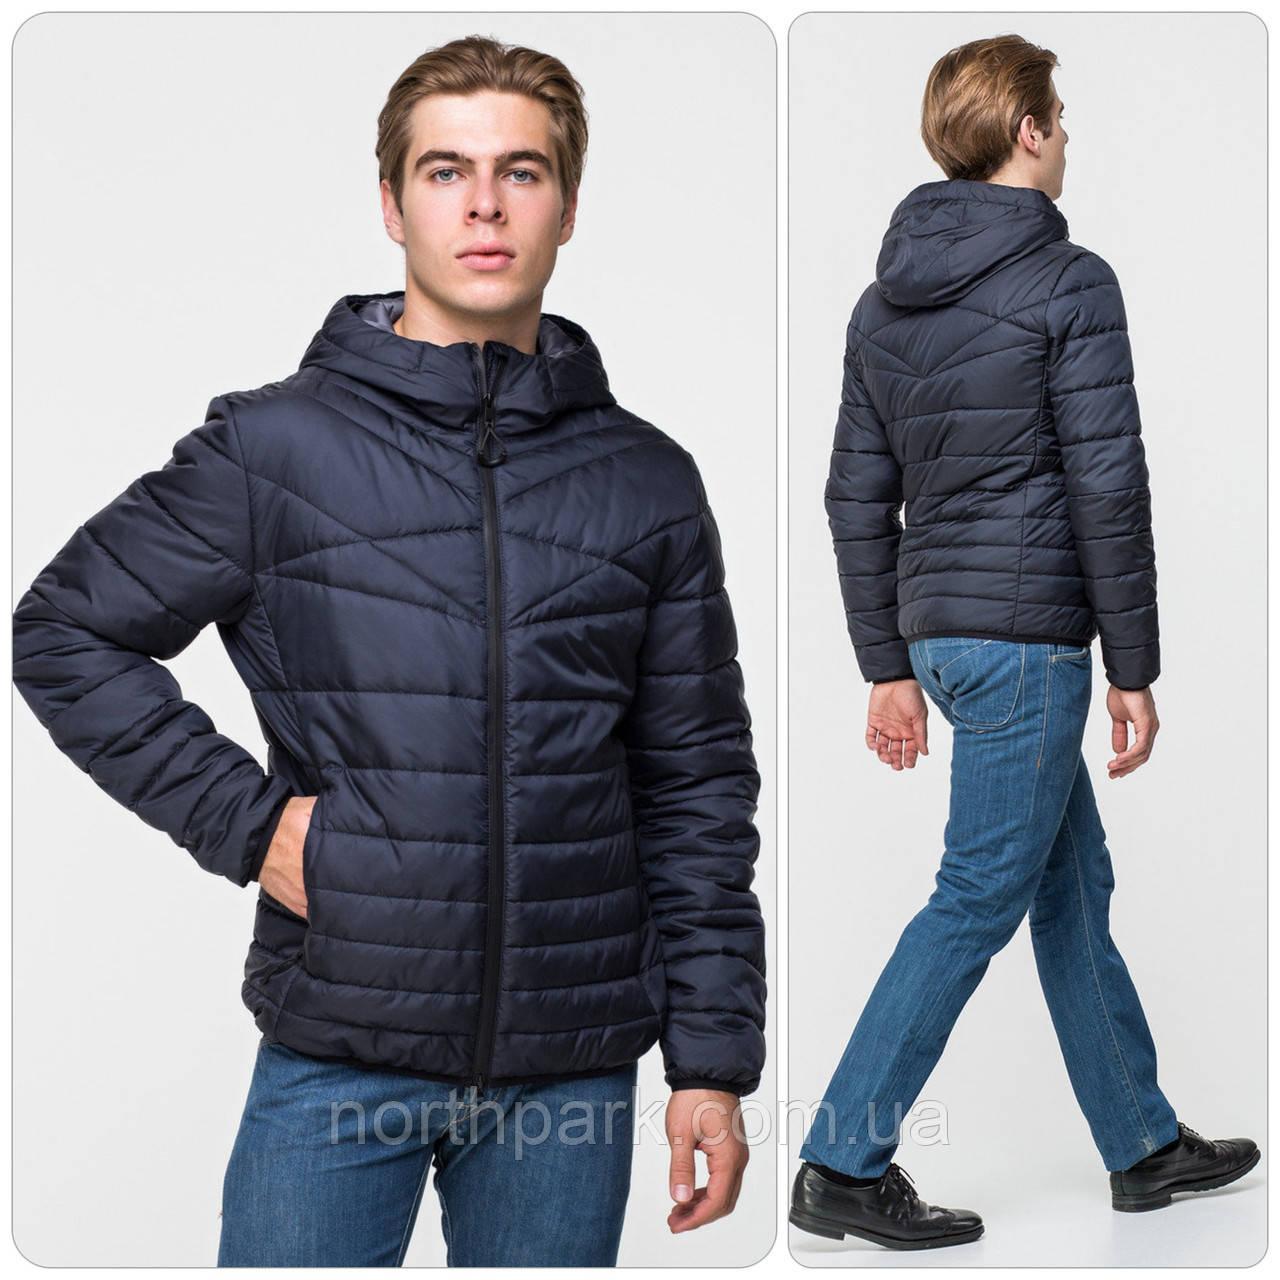 Стильная мужская демисезонная куртка с капюшоном, темно-синяя